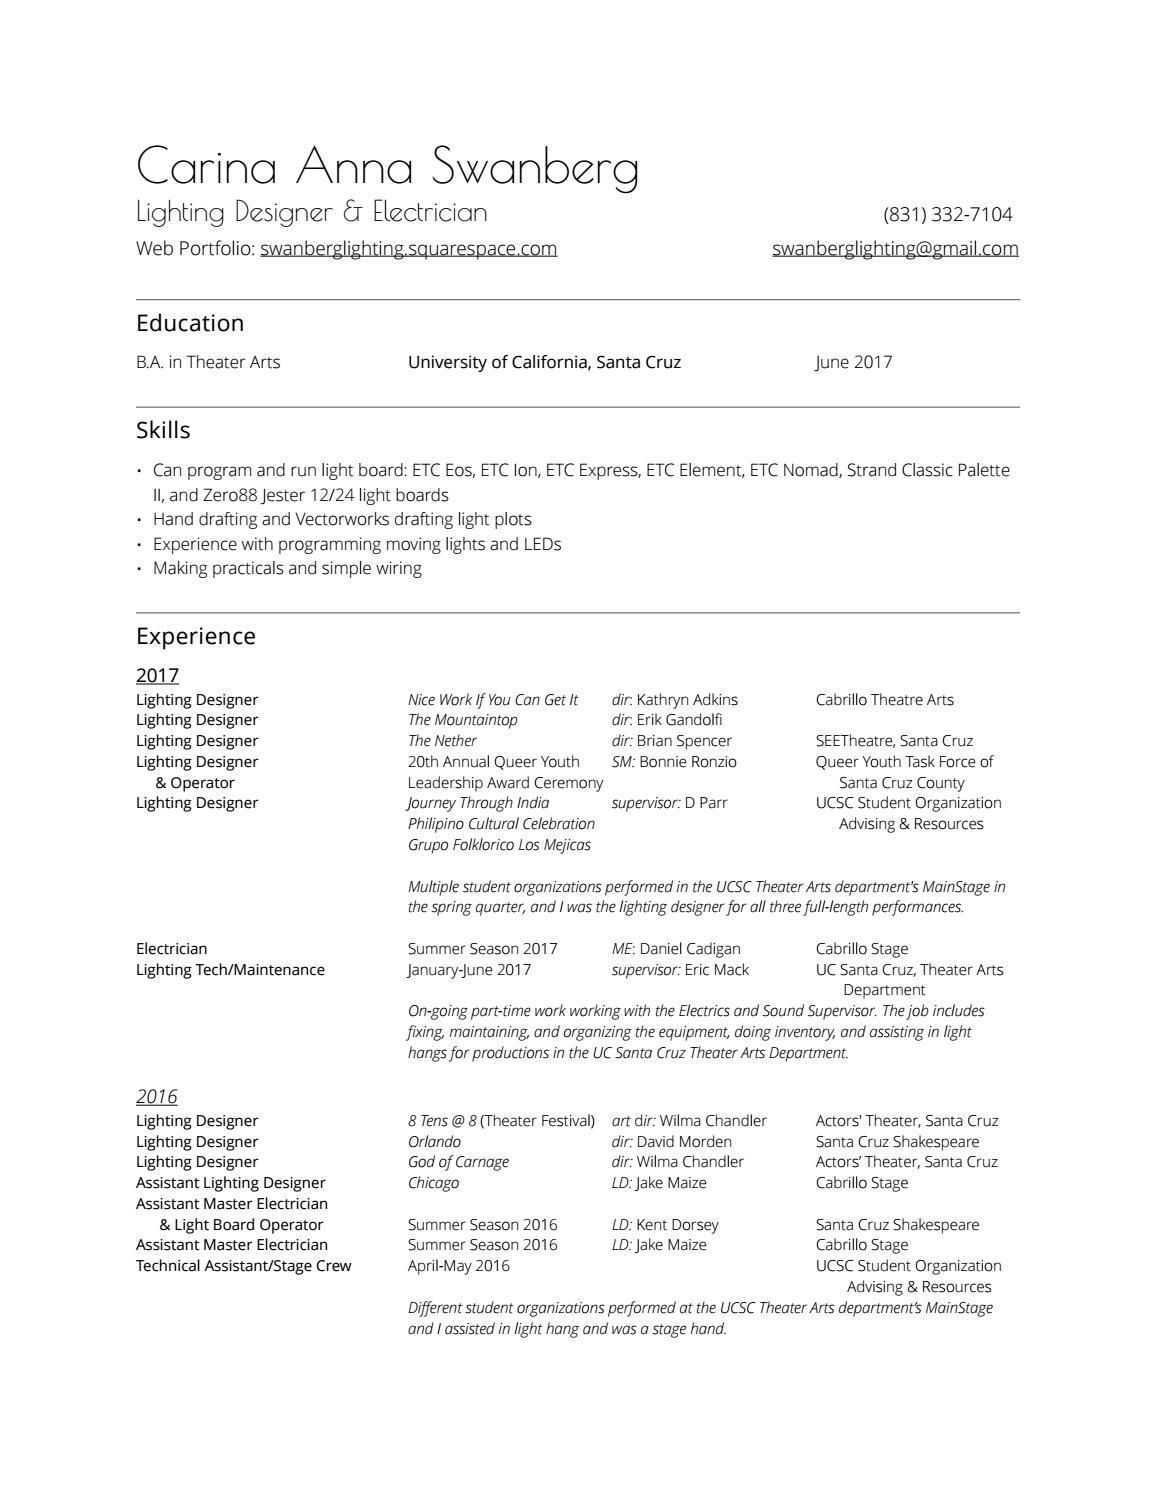 Portfolio resume 2017 v2 by Swanberg Lighting Design - issuu